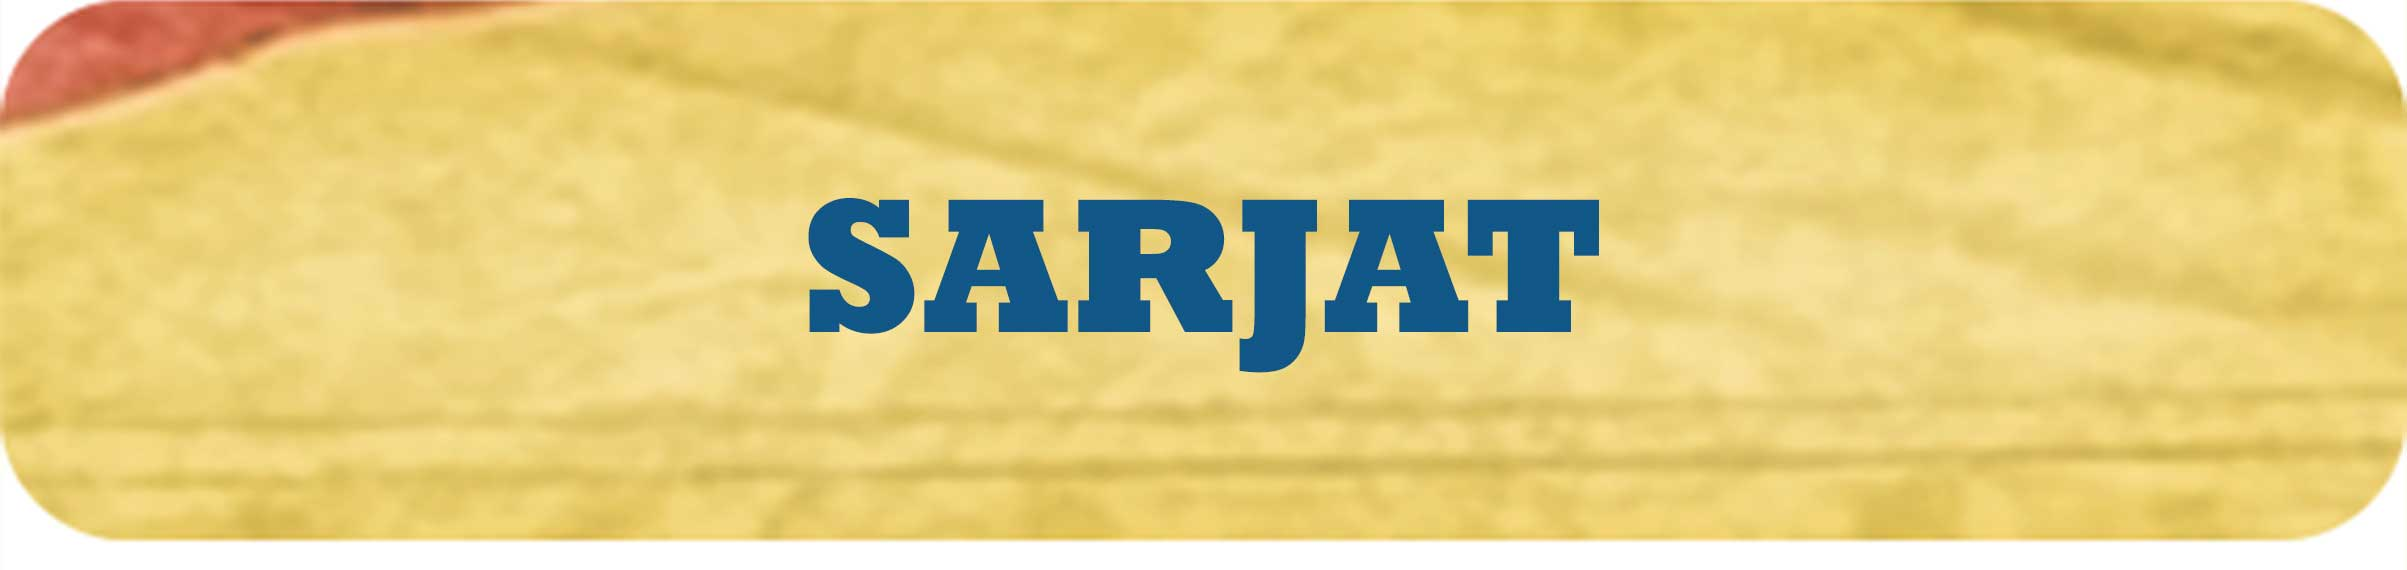 sarjat-banneri